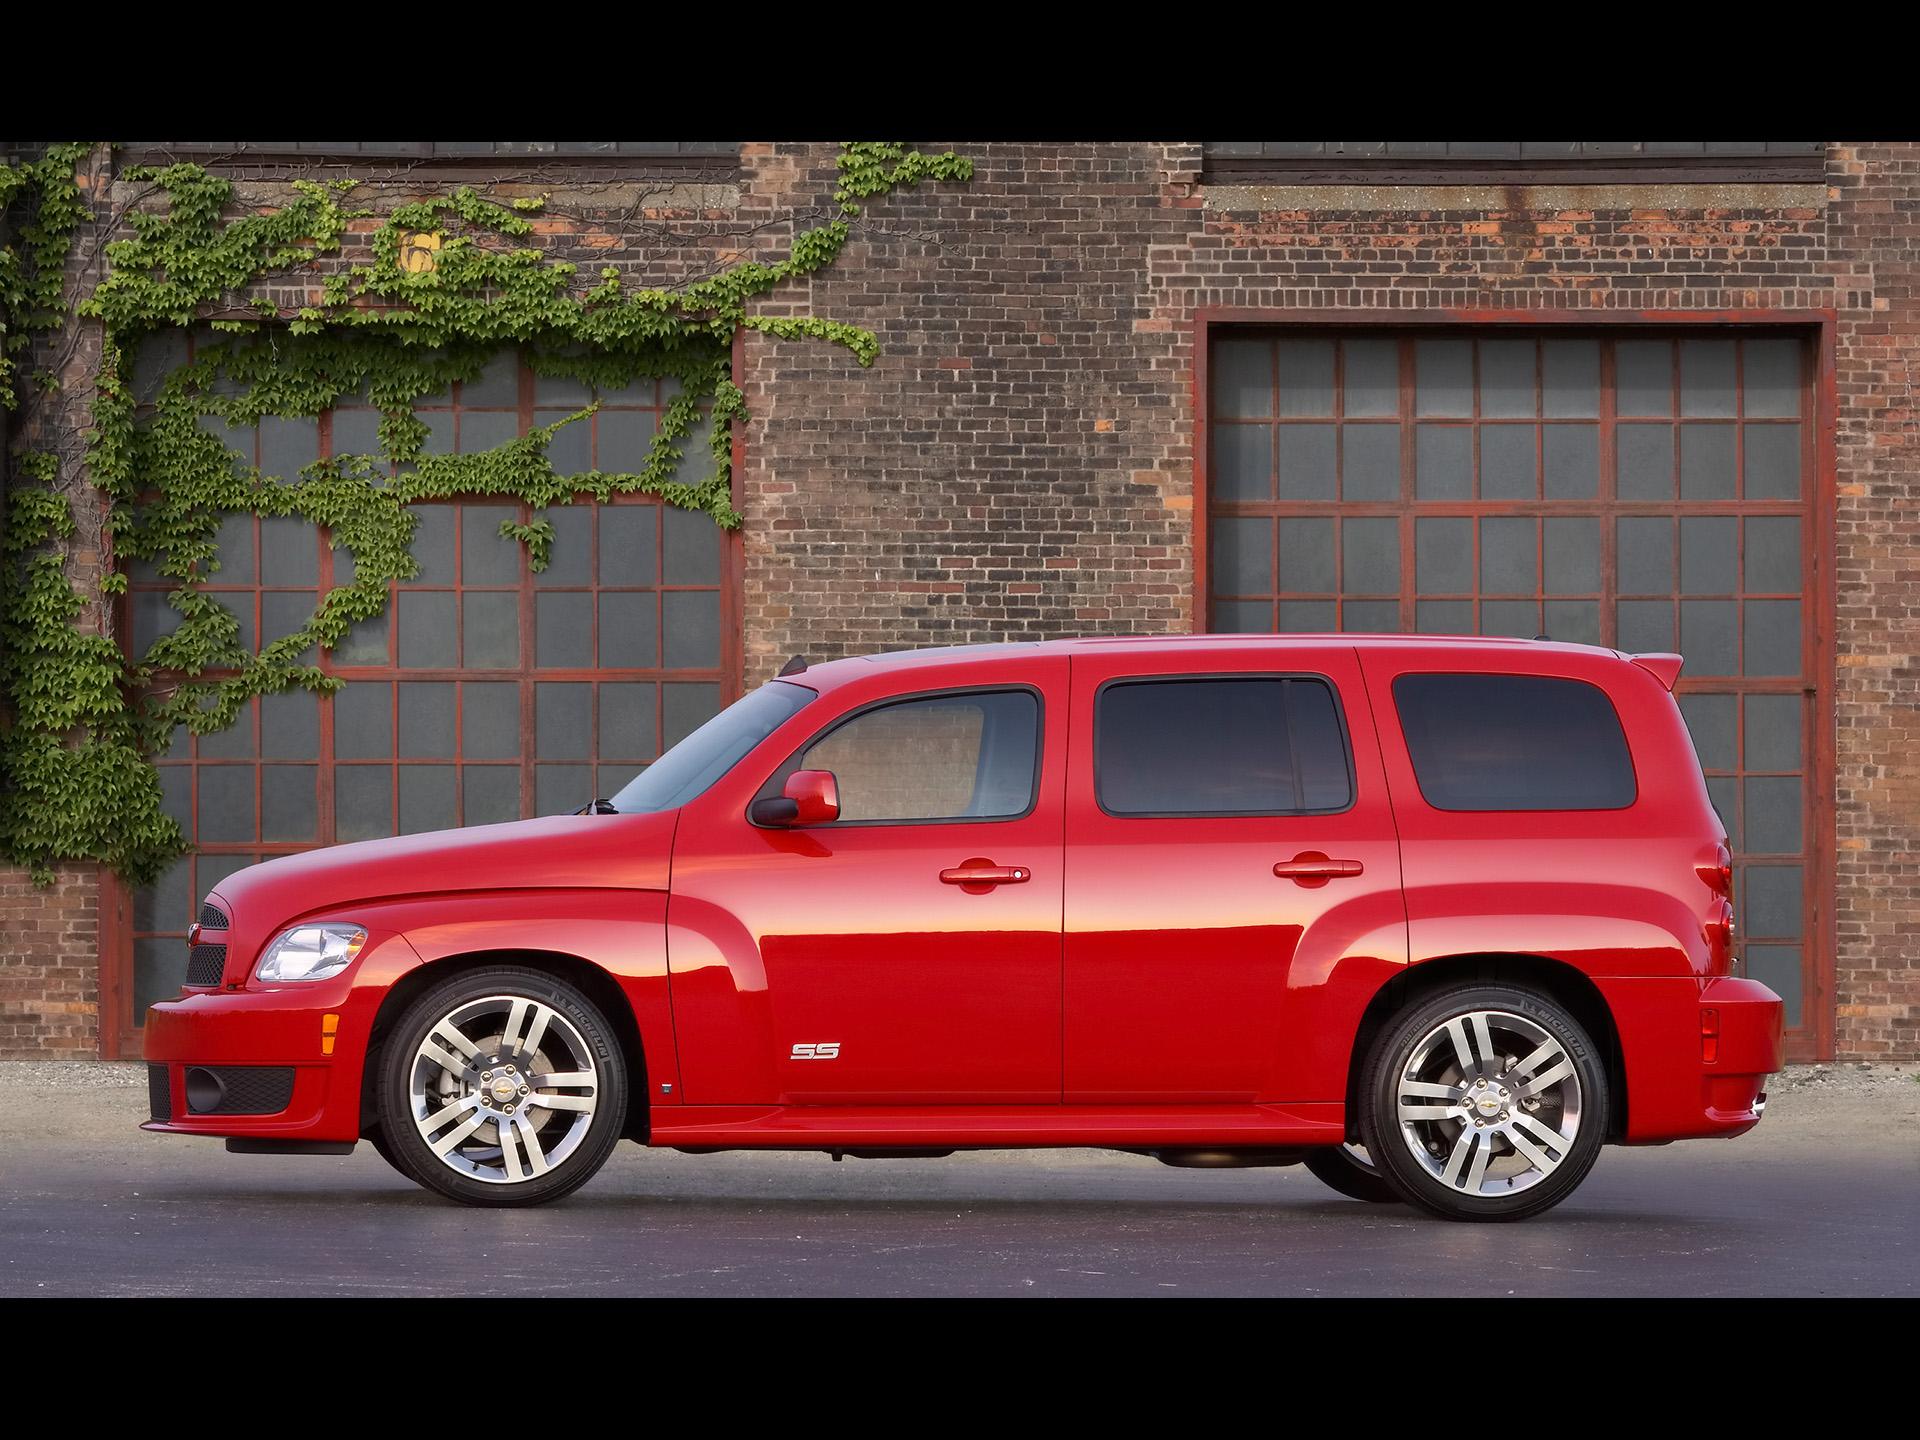 2008 Chevrolet HHR #20 Chevrolet HHR #20